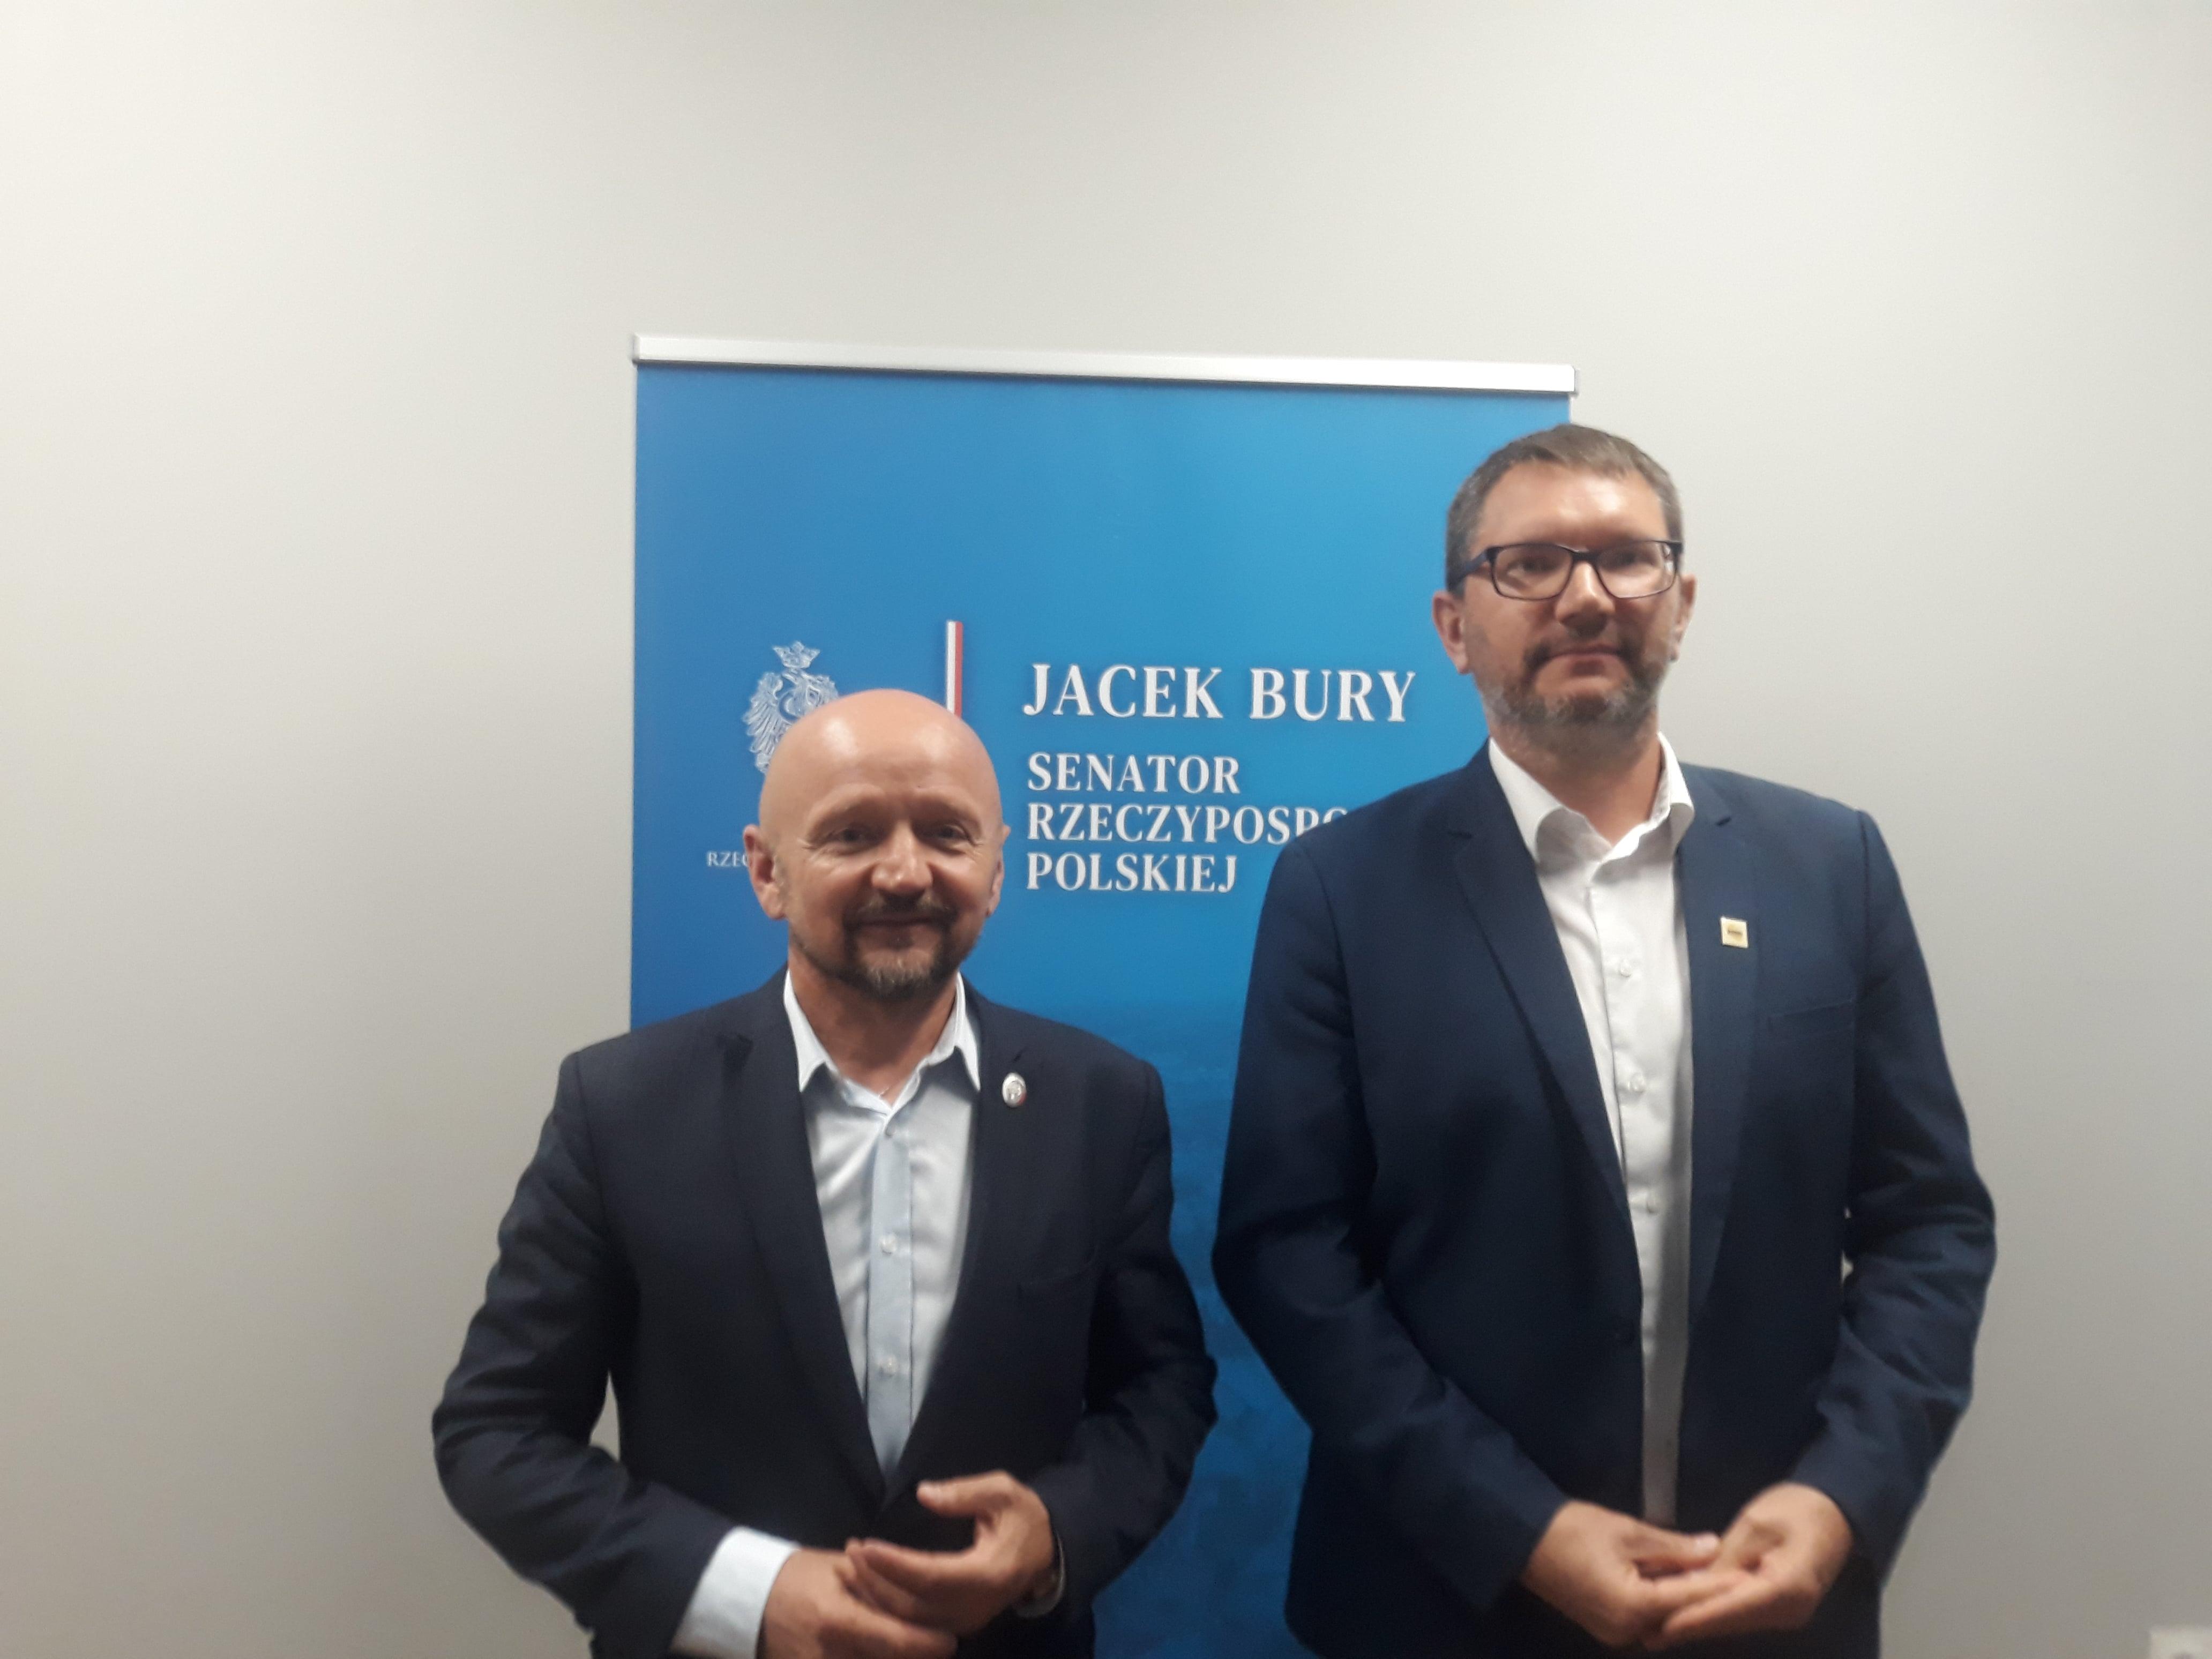 """Województwo lubelskie: Sejmik wycofa się z uchwały """"anty LGBT""""? Senator Bury: Można uchylić tę bardzo szkodliwą uchwałę - Zdjęcie główne"""